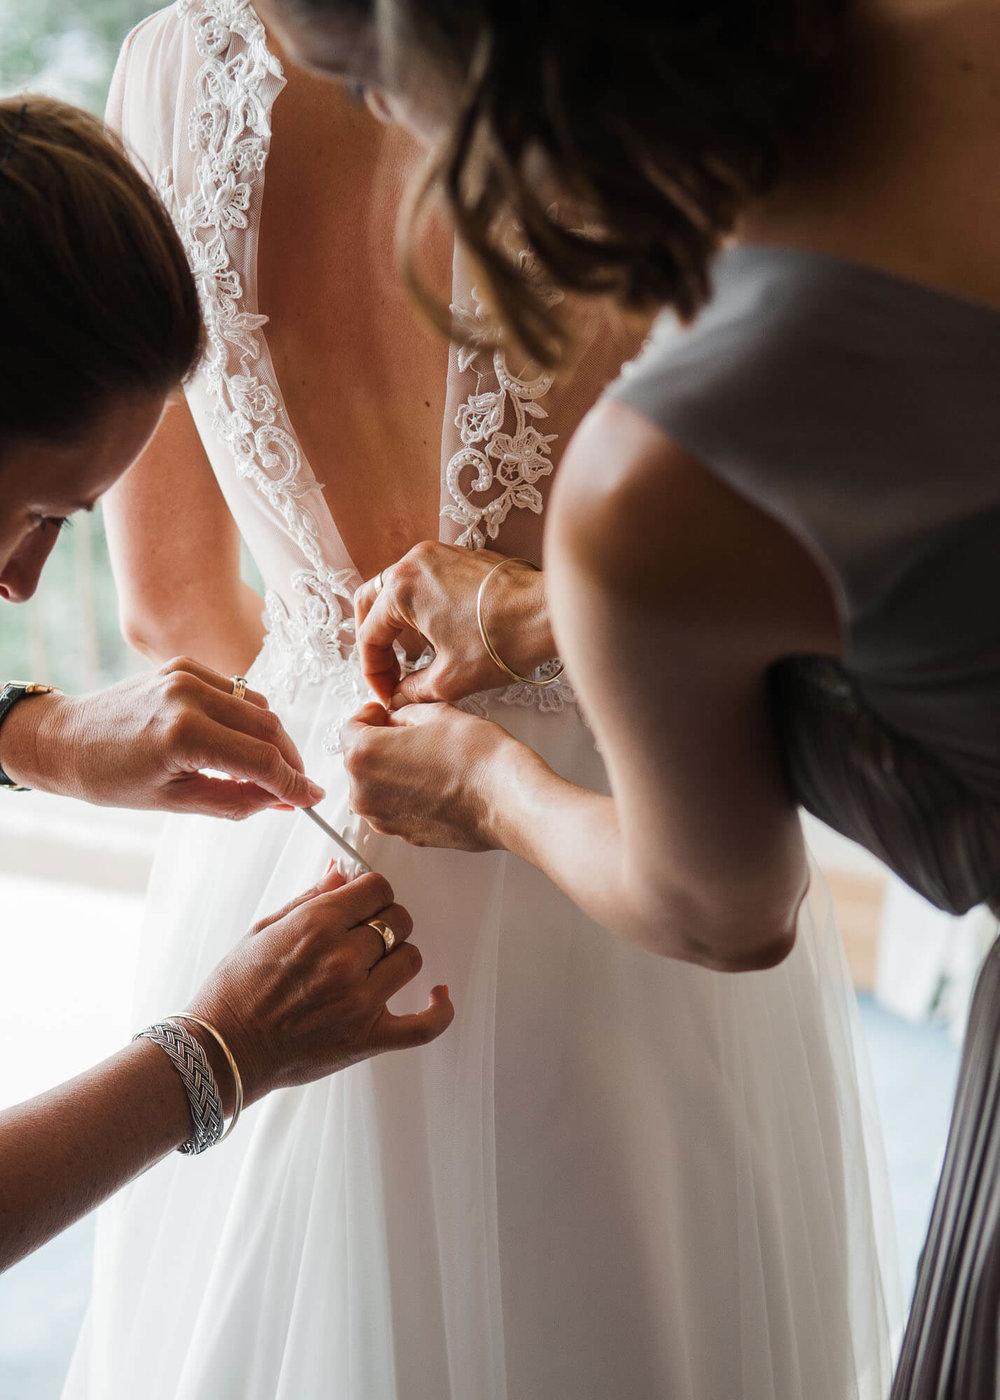 bridesmaids-fasten-brides-dress.jpg